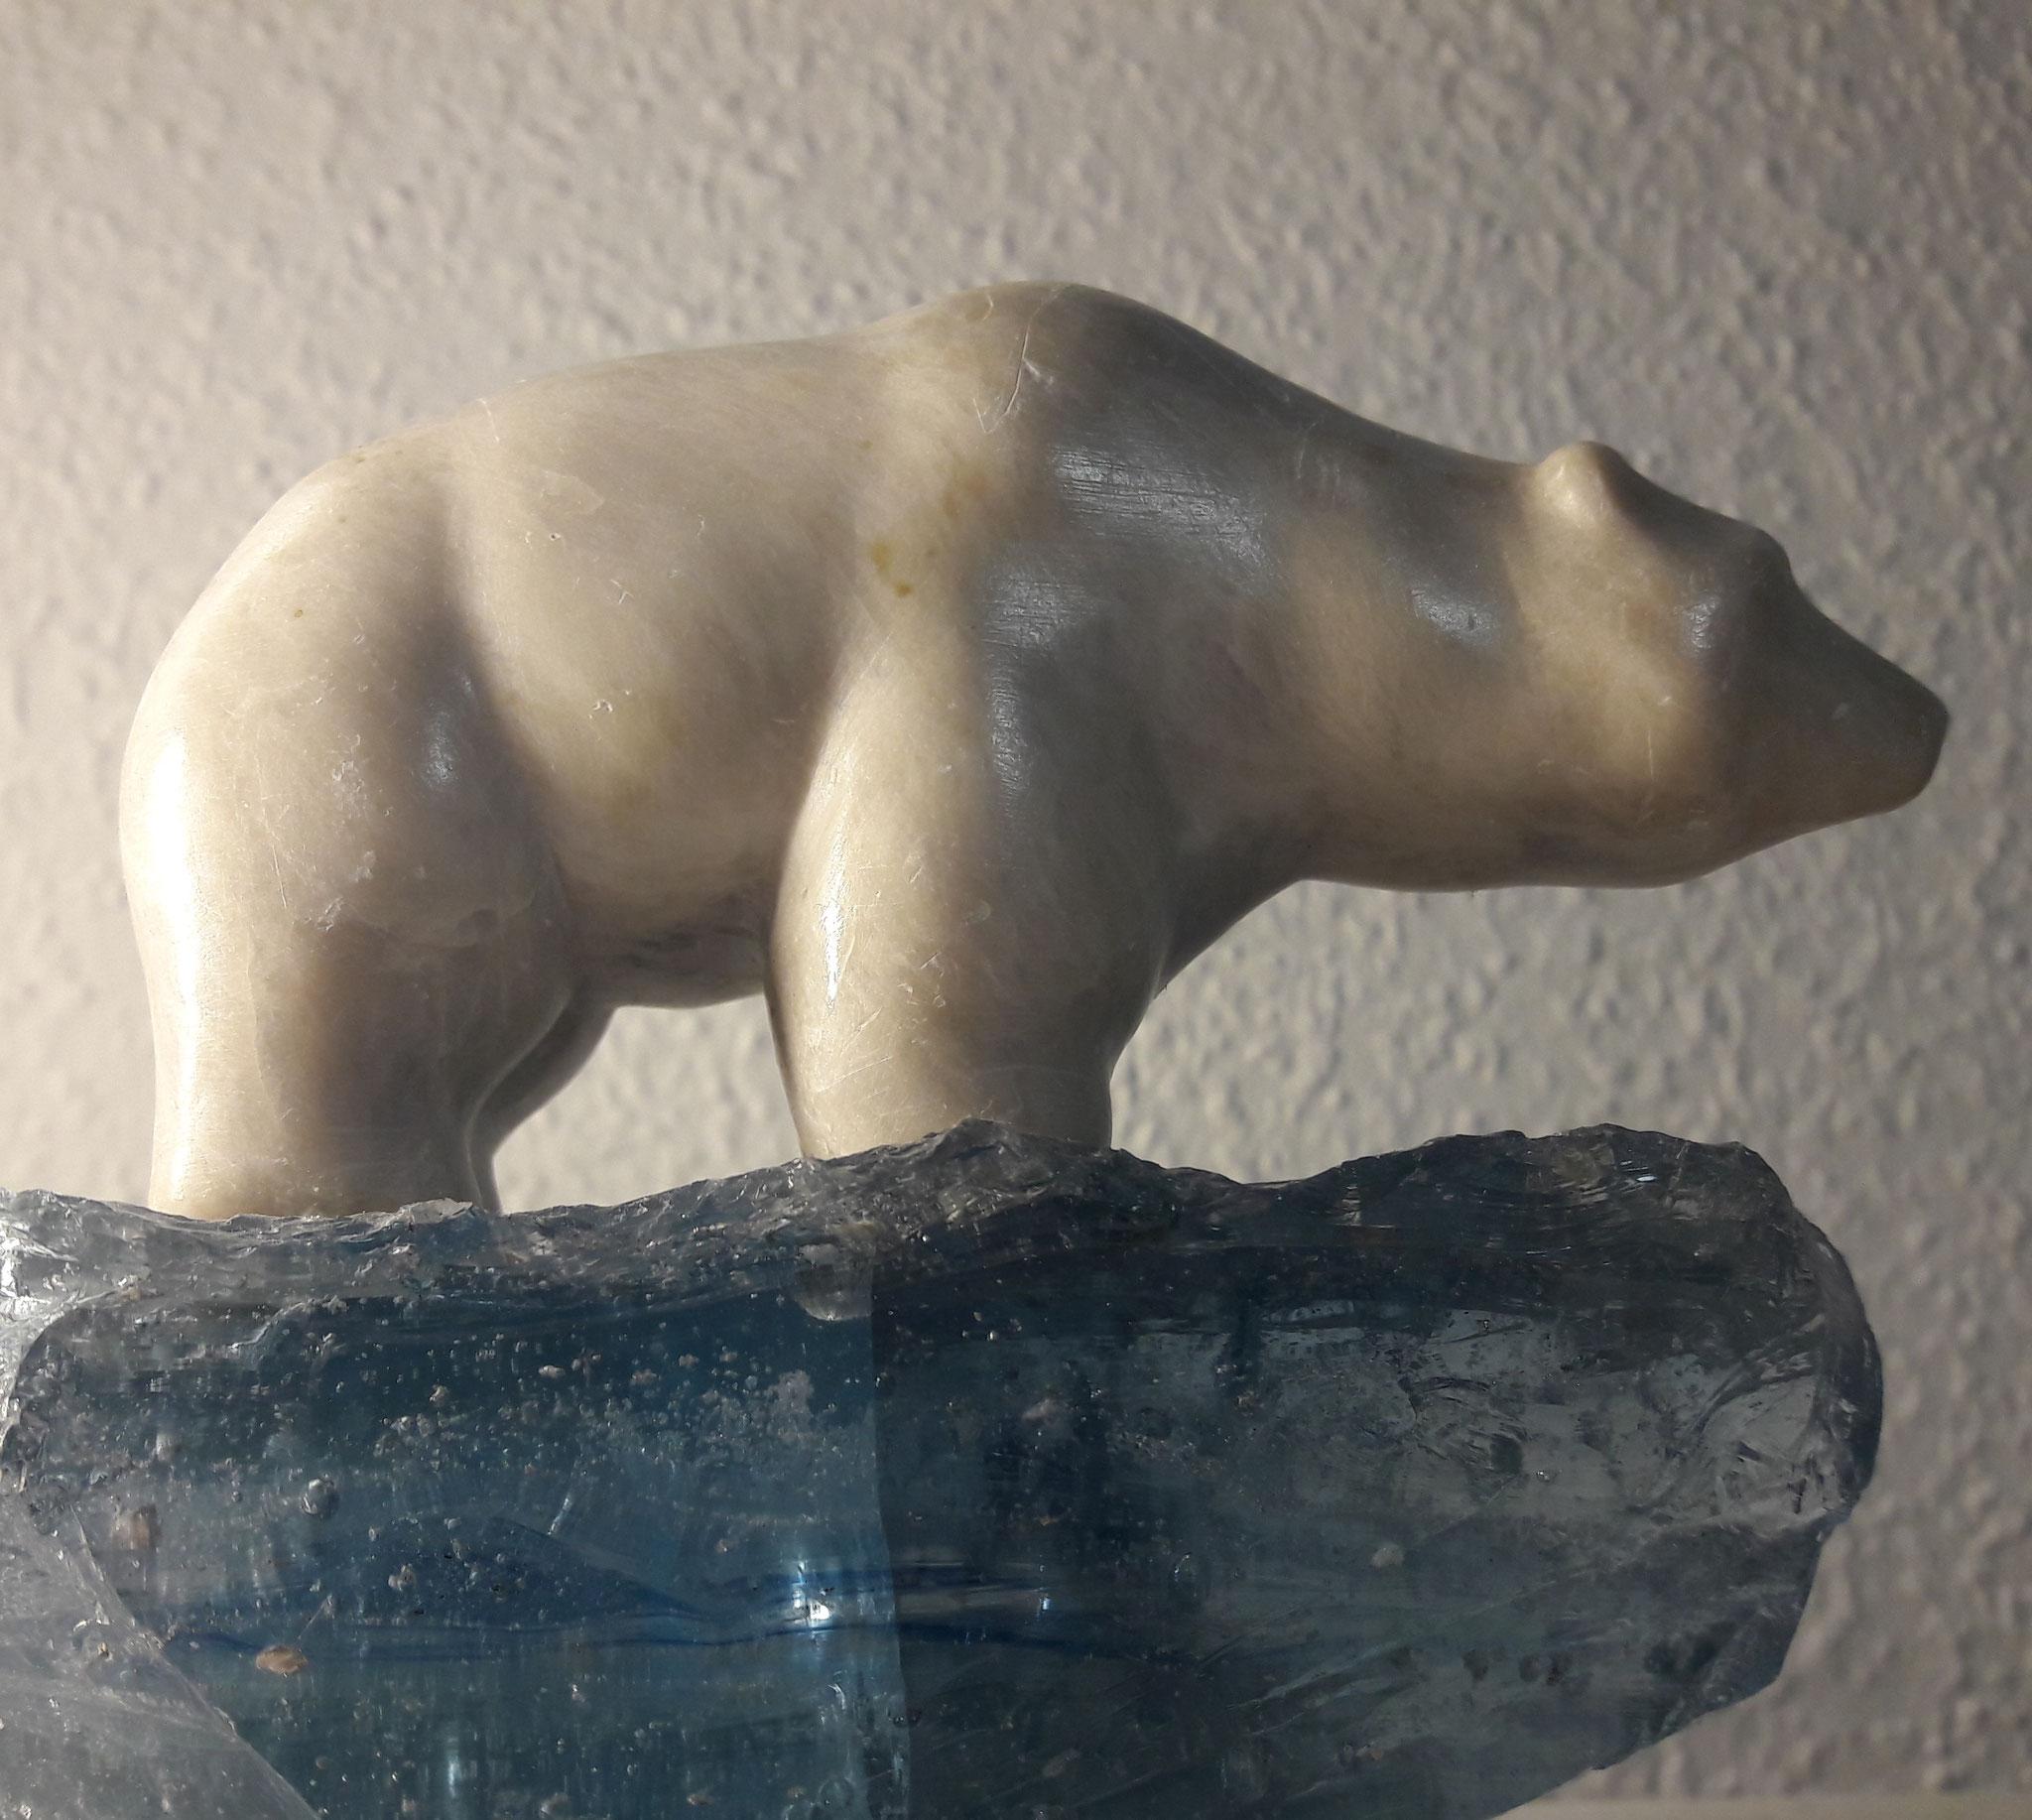 Eisbär, Speckstein, ca. 10 x 10 cm, 2010